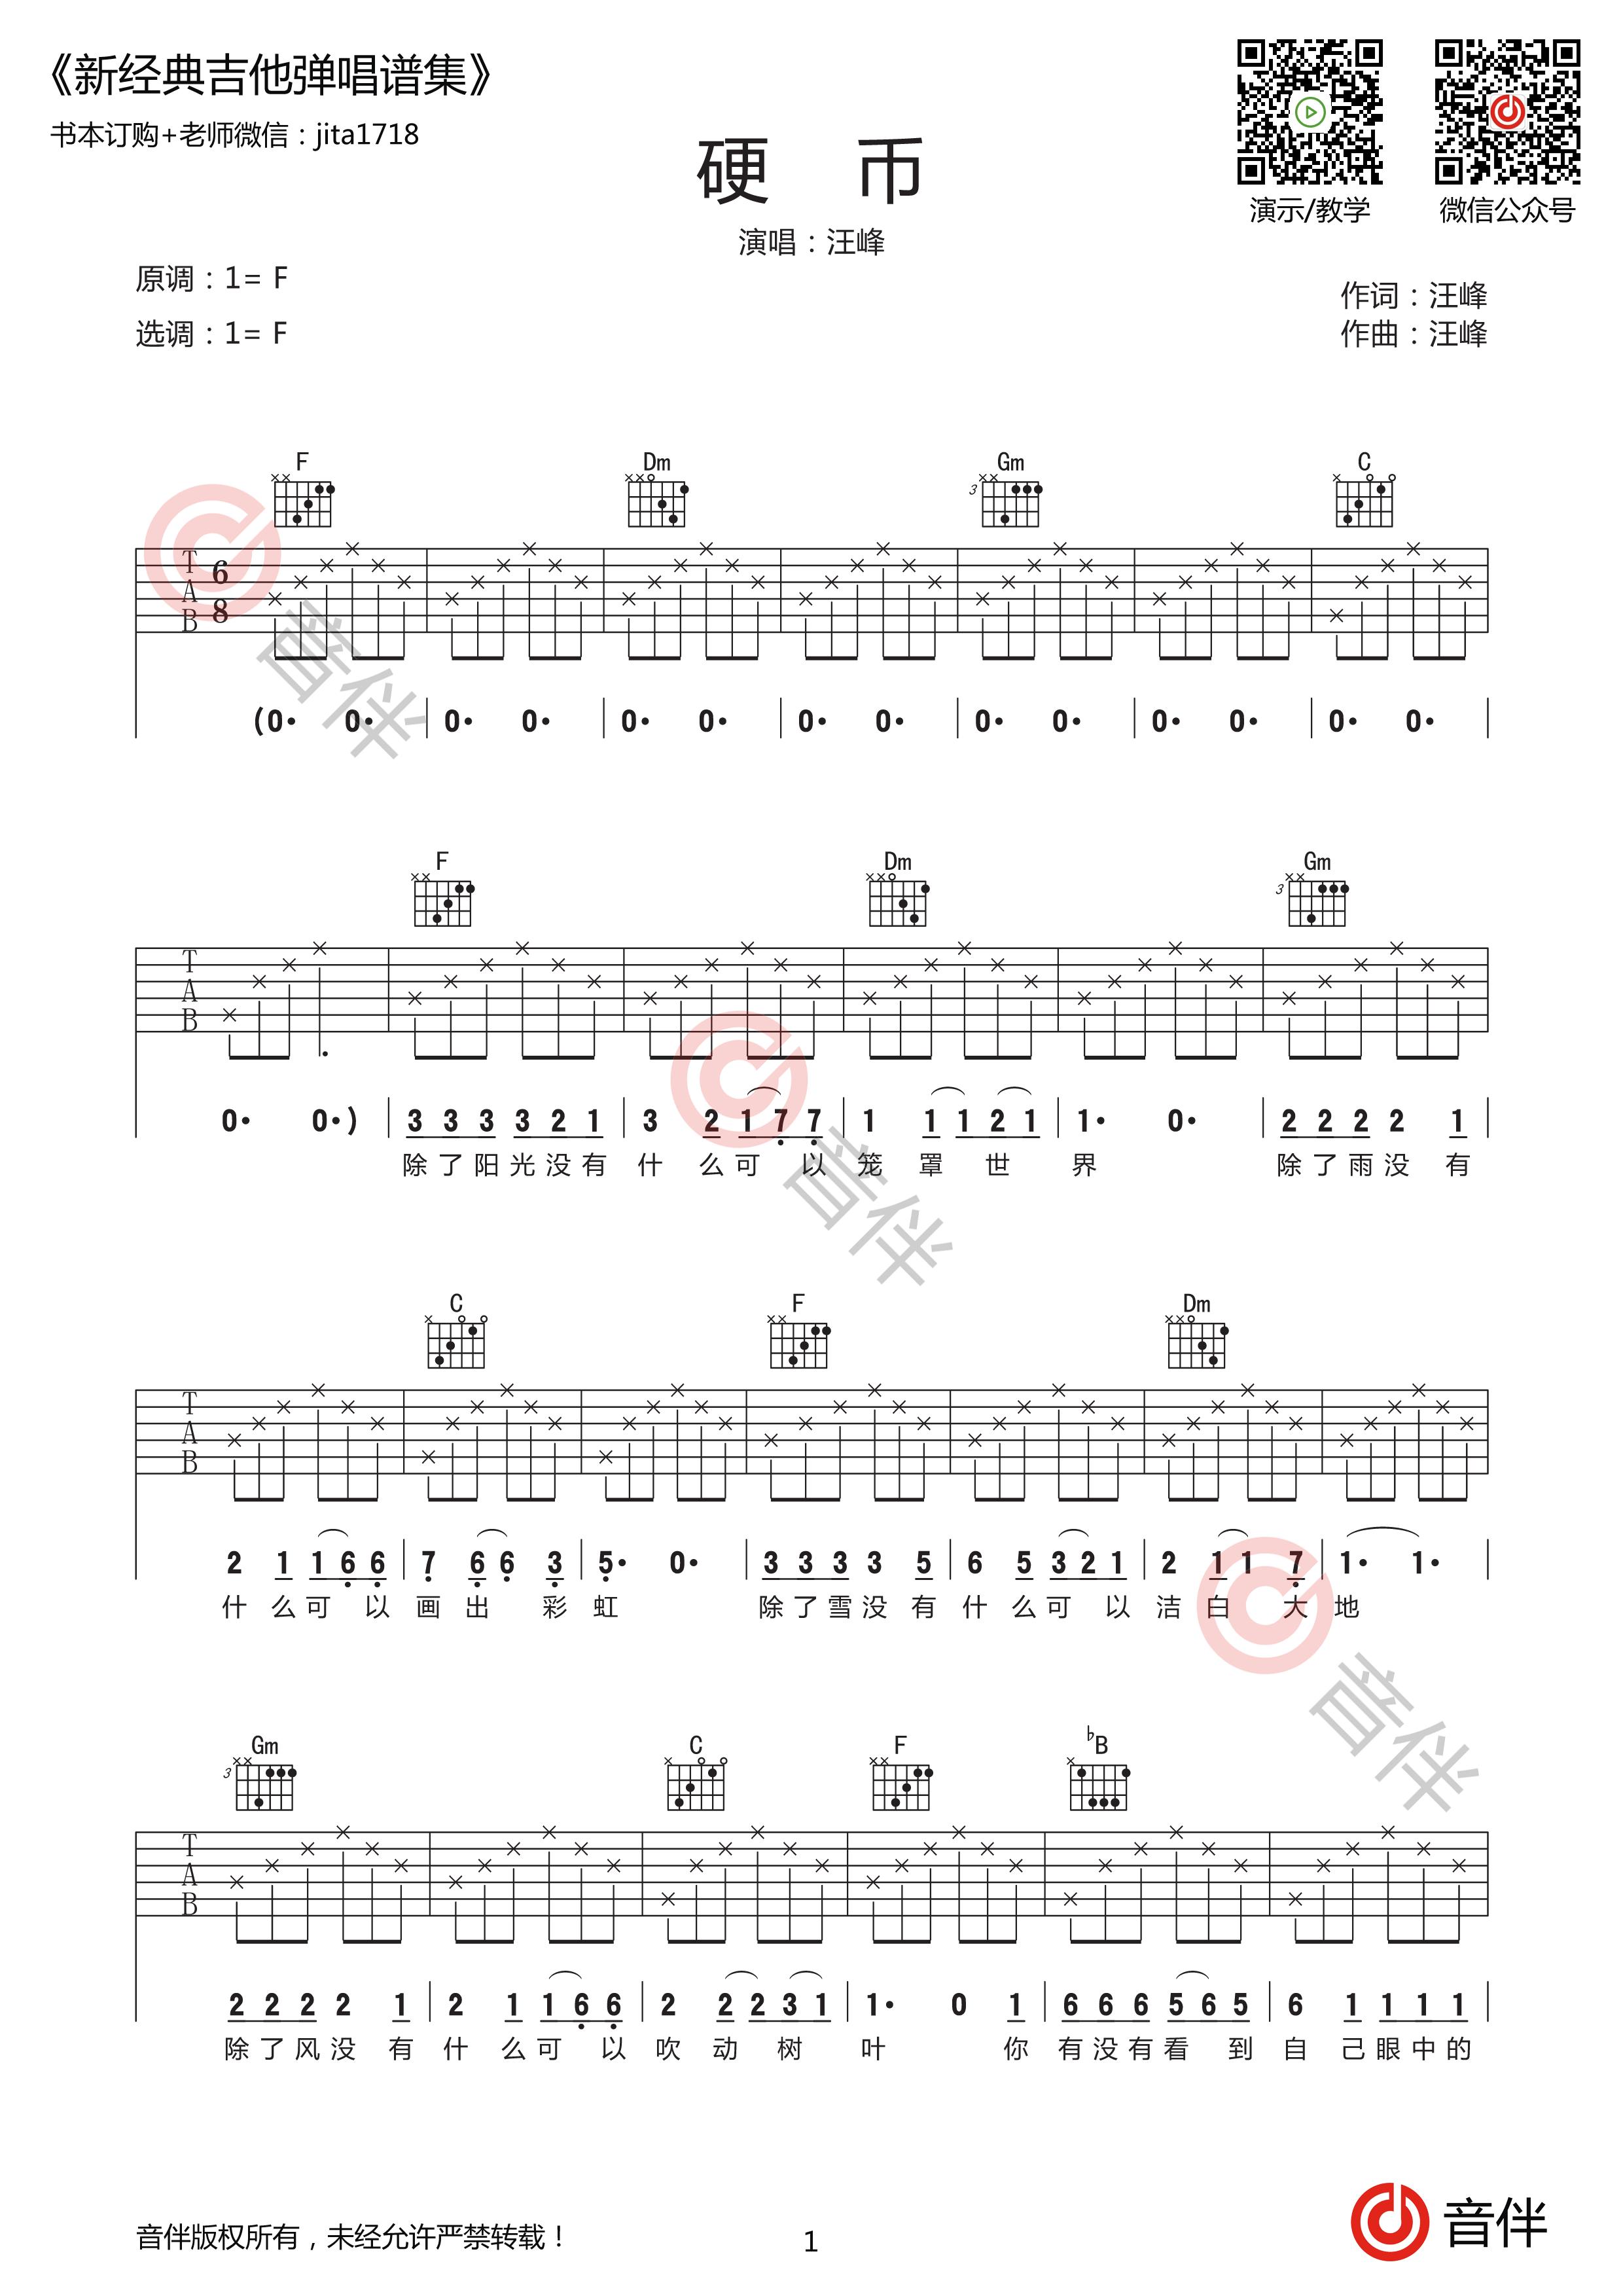 汪峰 硬币吉他谱1